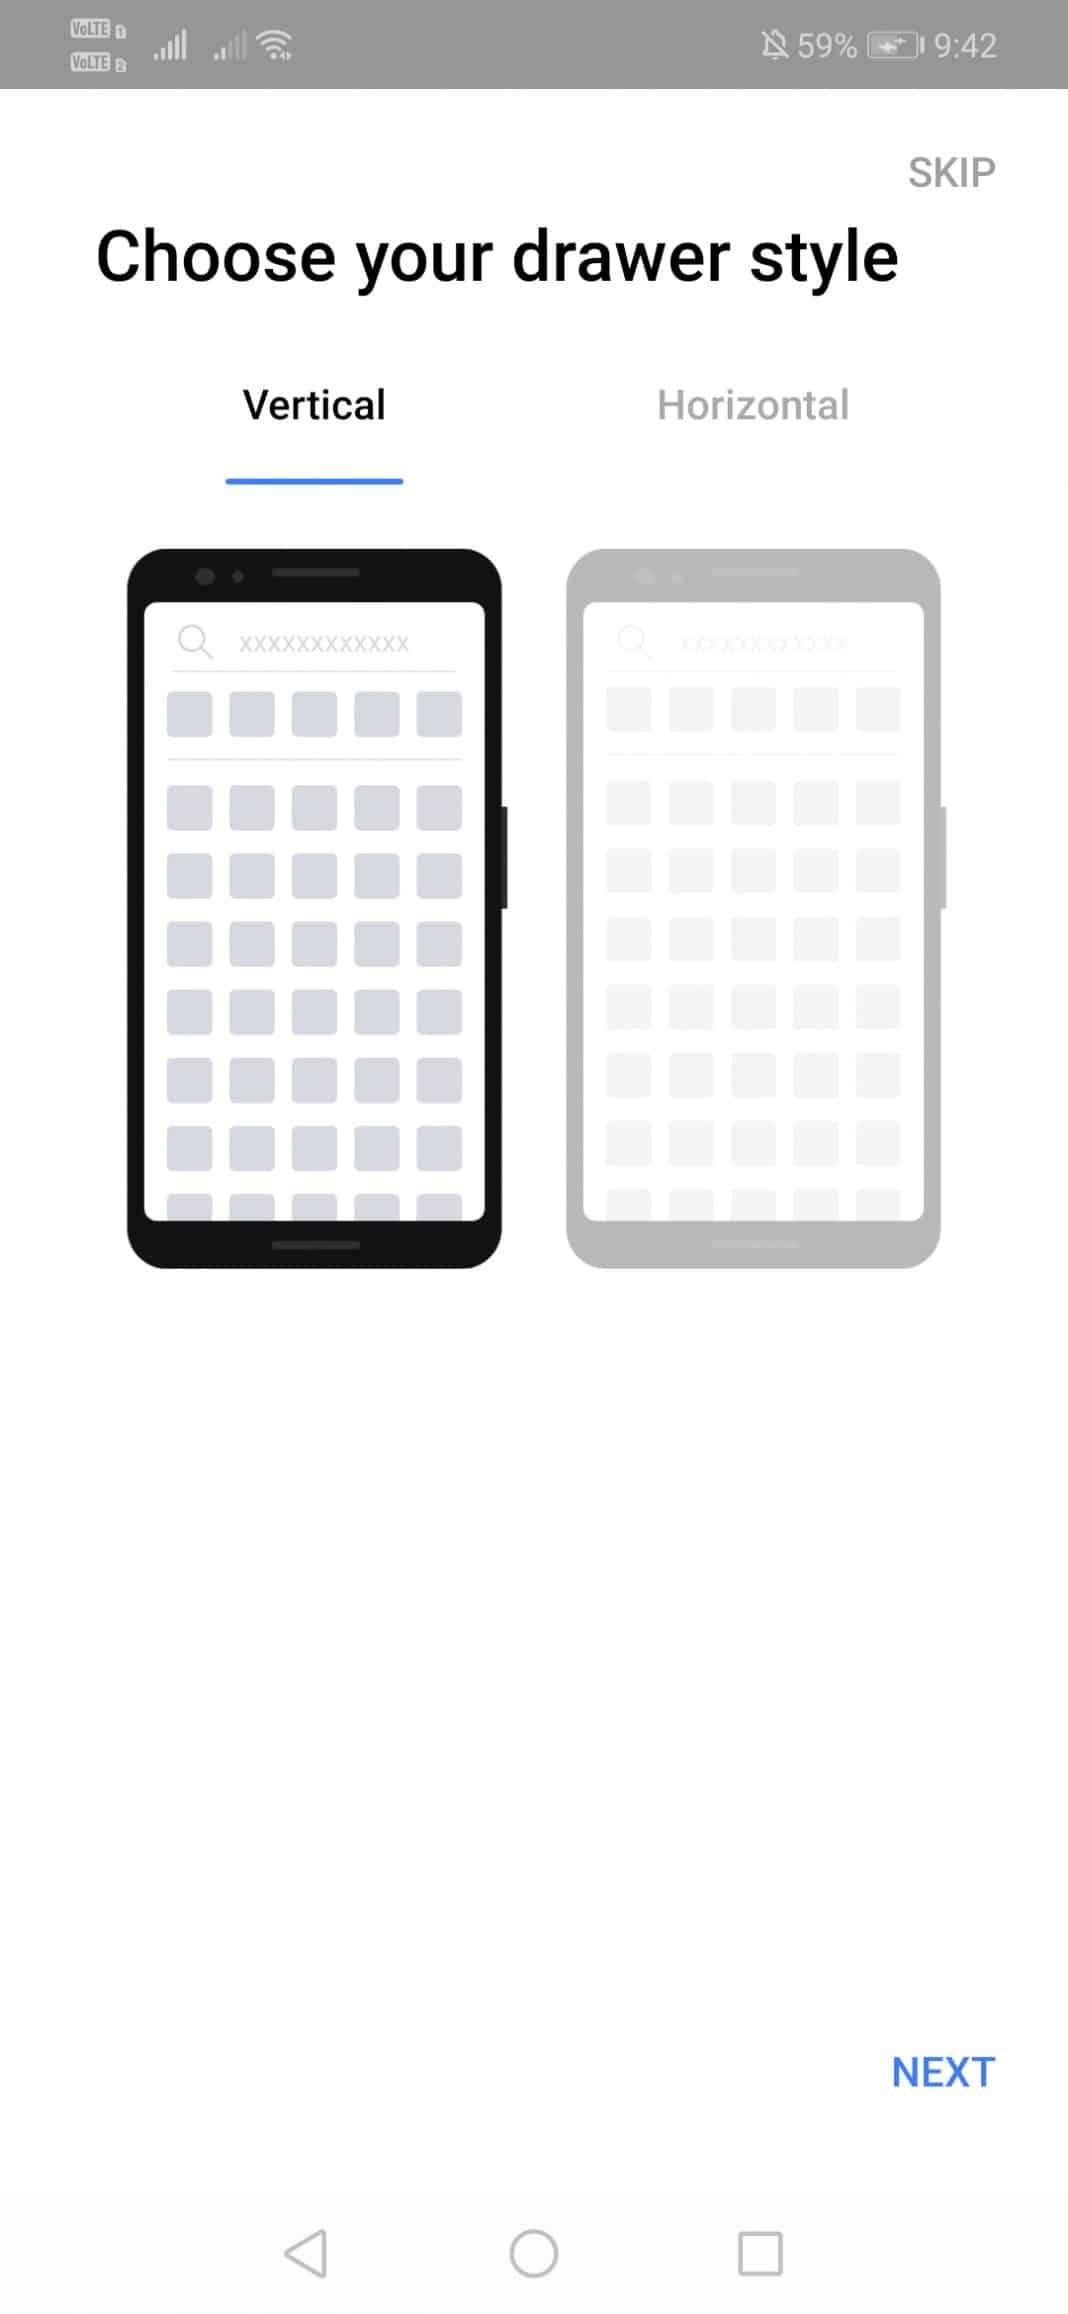 ouvrez l'application de lancement et choisissez le style de tiroir.